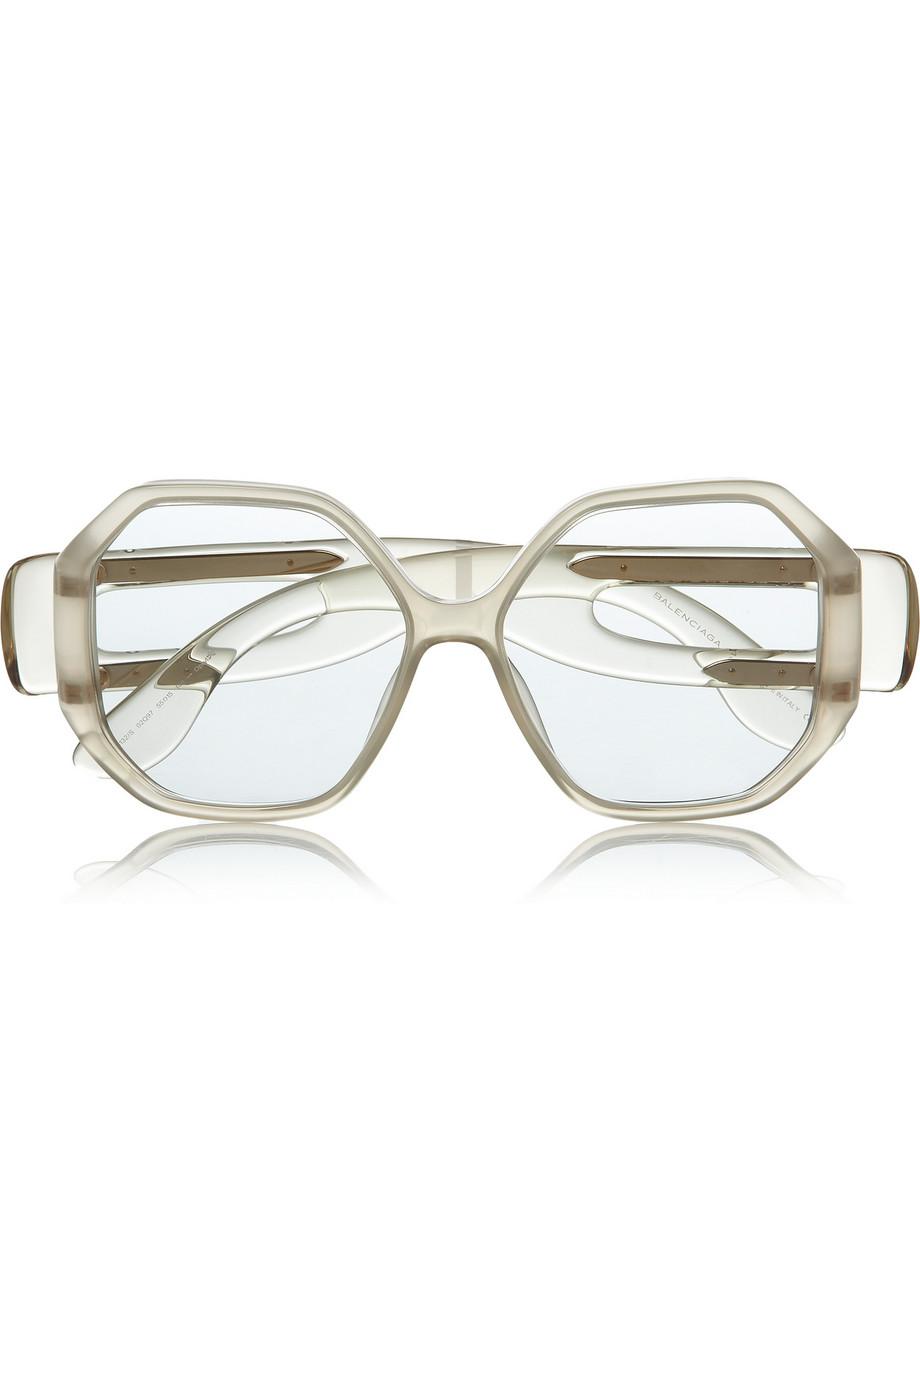 Balenciaga square-frame acetate sunglasses  Original price$451  Now $157.85 THEOUTNET.COM